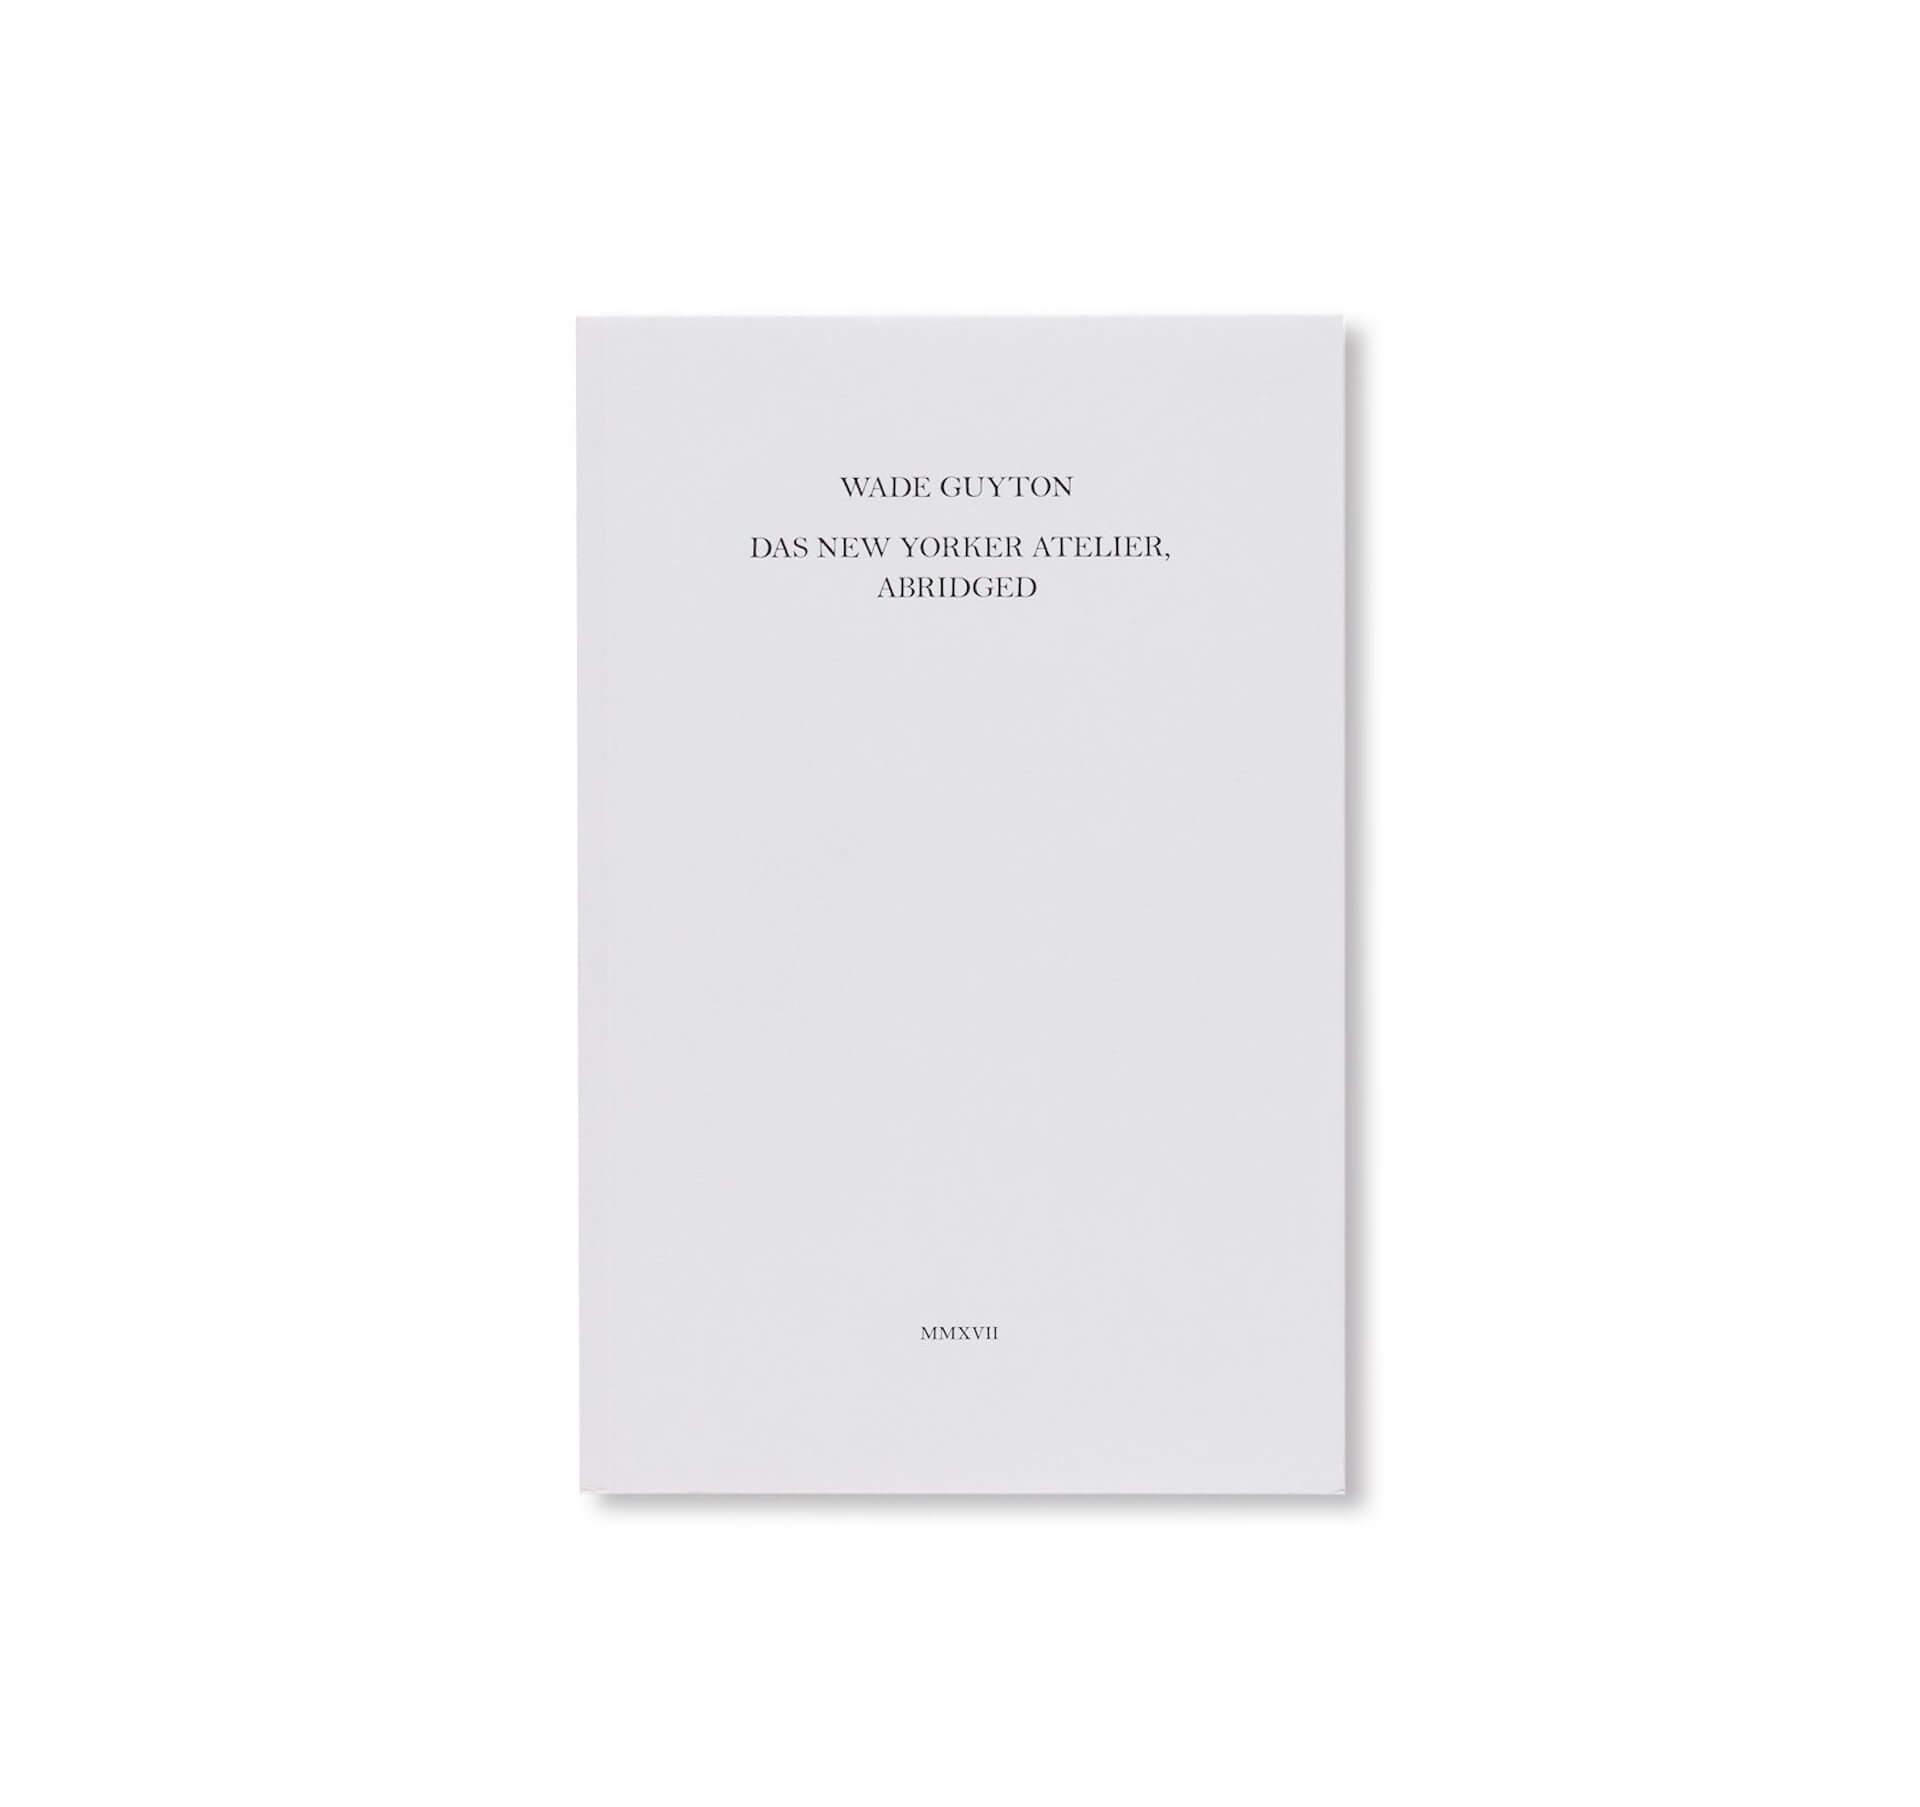 アートブックノススメ Qetic編集部が選ぶ5冊/Davide Sorrenti 他 art210322_artbook-010